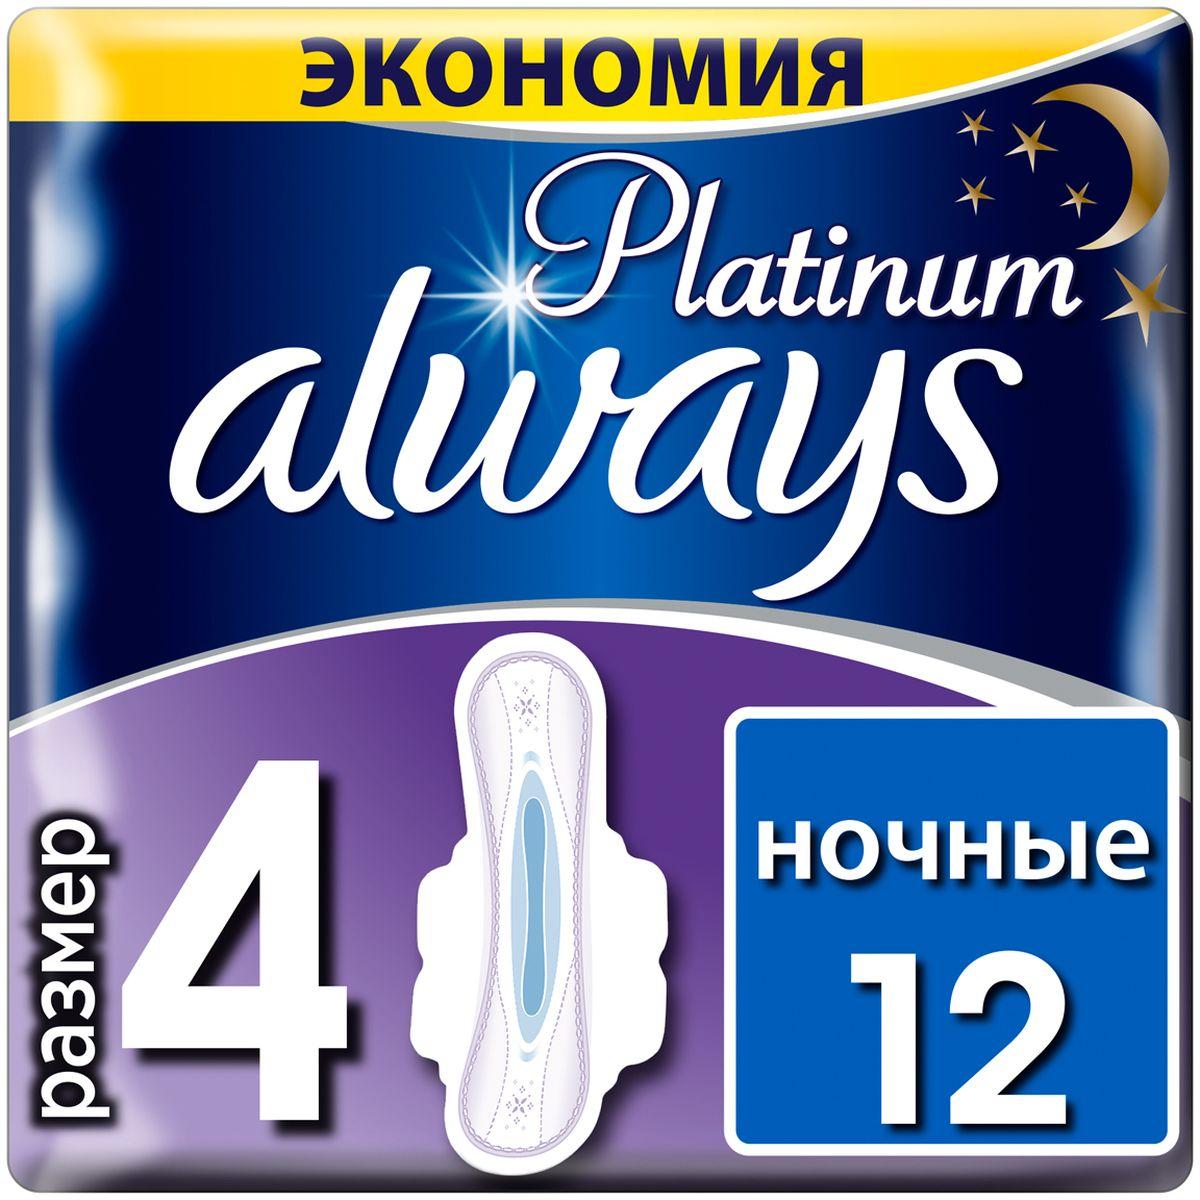 Always Platinum Женские гигиенические прокладки Ultra Night, 12шт8001090430748Гигиенические прокладки Always Platinum Ultra Night (размер4) обеспечивают повышенный комфорт и усиленную защиту (по сравнению с Always Ultra). Гигиенические прокладки Always Platinum с 1000 мягких микроподушечек, действующих подобно боковым барьерам, и усовершенствованным центральным слоем обеспечивают лучшую защиту и комфорт от Always. А благодаря технологии нейтрализации запаха эти прокладки запирают неприятный запах, а не маскируют его. Гигиенические прокладки Always Platinum толщиной всего 3мм дарят невероятное ощущение защиты и комфорта во время менструации. Больше не нужно идти на компромисс. Always Platinum дарят оптимальное сочетание защиты и комфорта. Always Platinum Ultra Night (размер4)- лучшие гигиенические прокладки Always Platinum для защиты в ночное время.